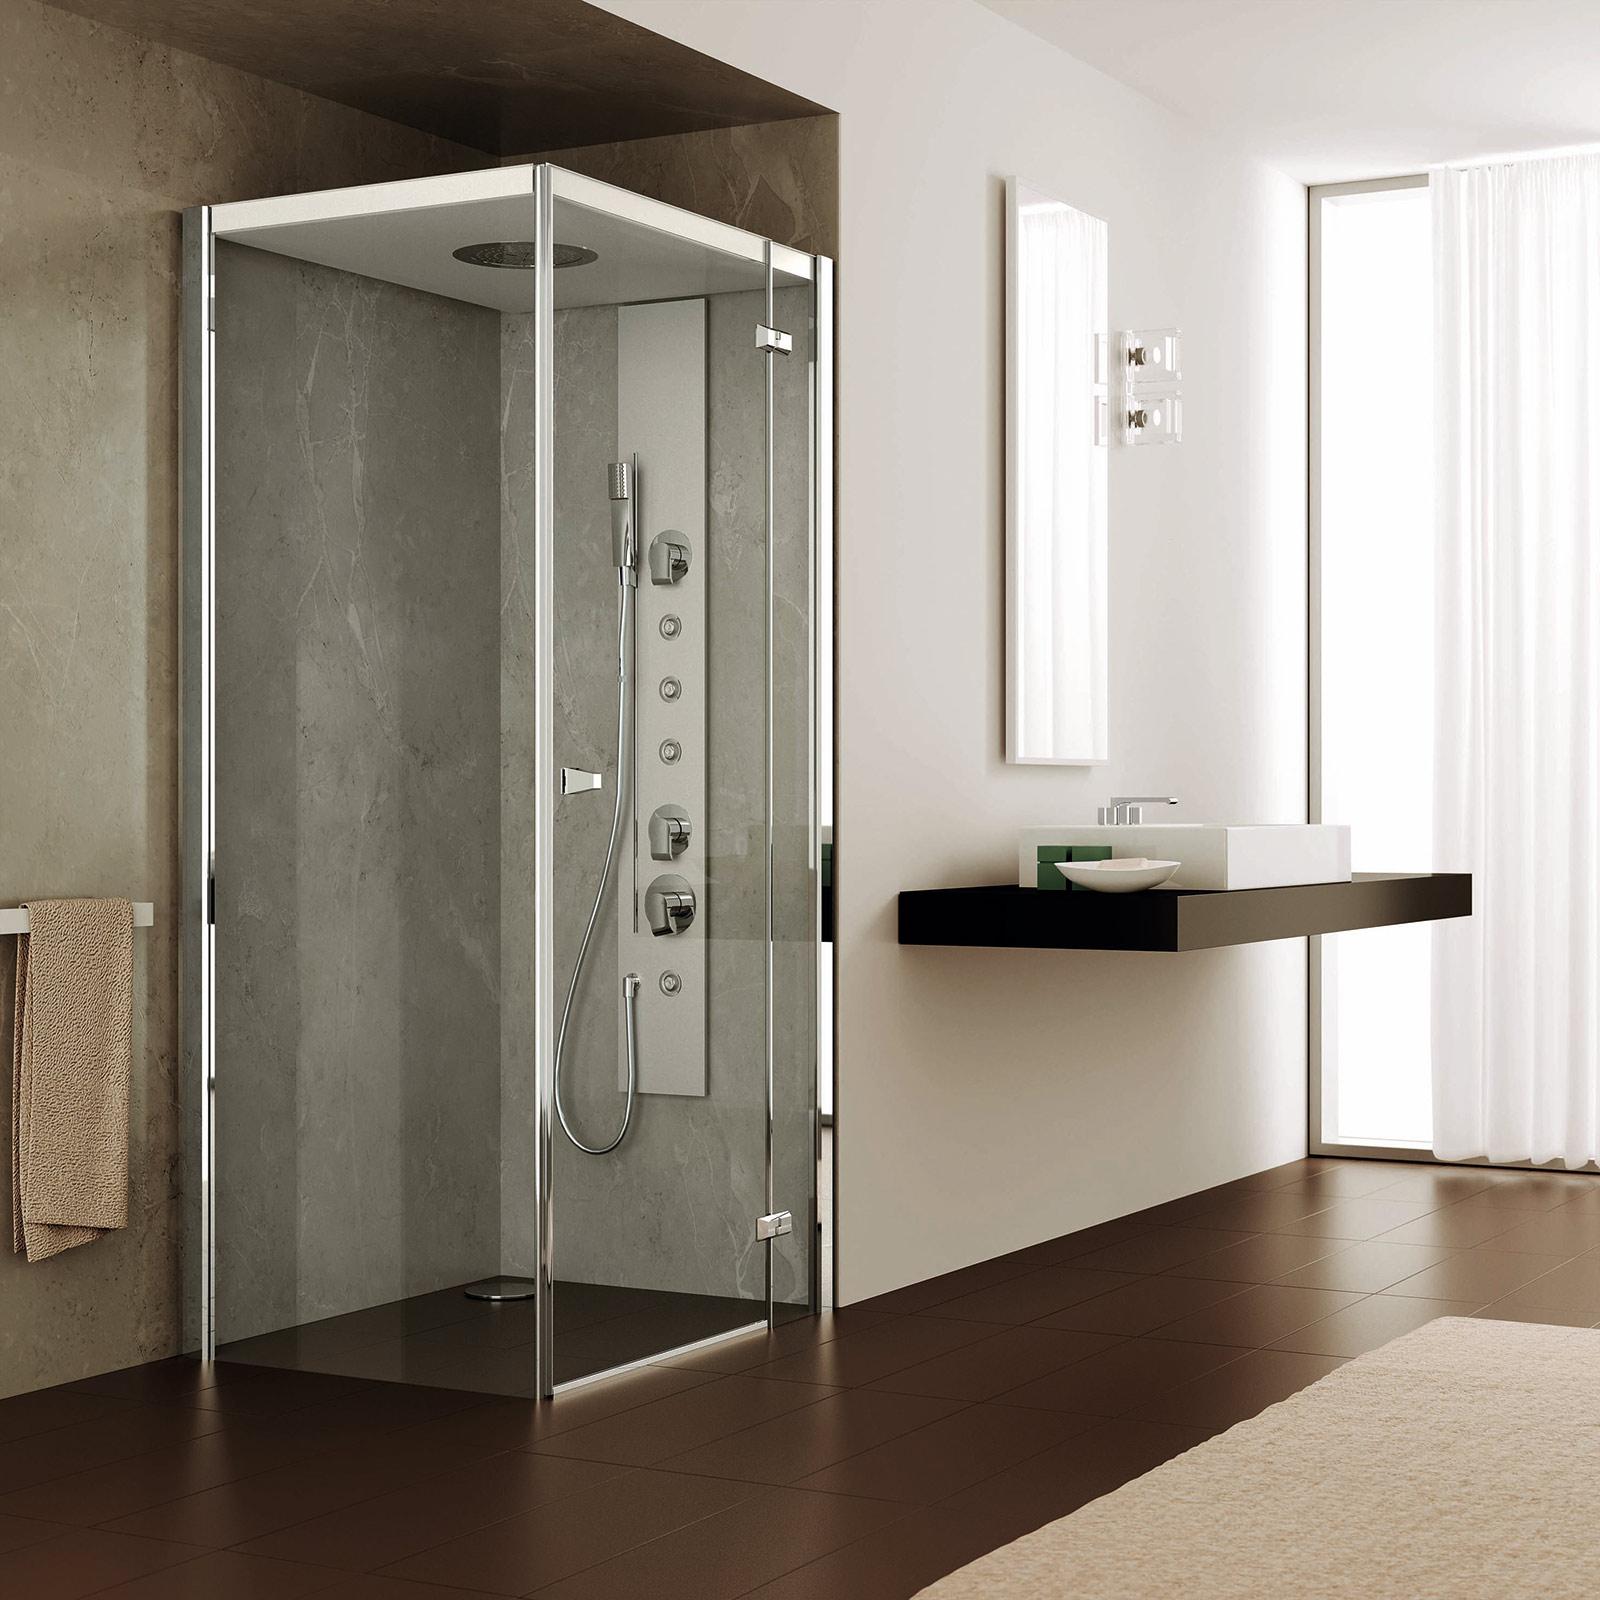 Come costruire un bagno turco nella doccia internet italiano - Come costruire un bagno turco in casa ...